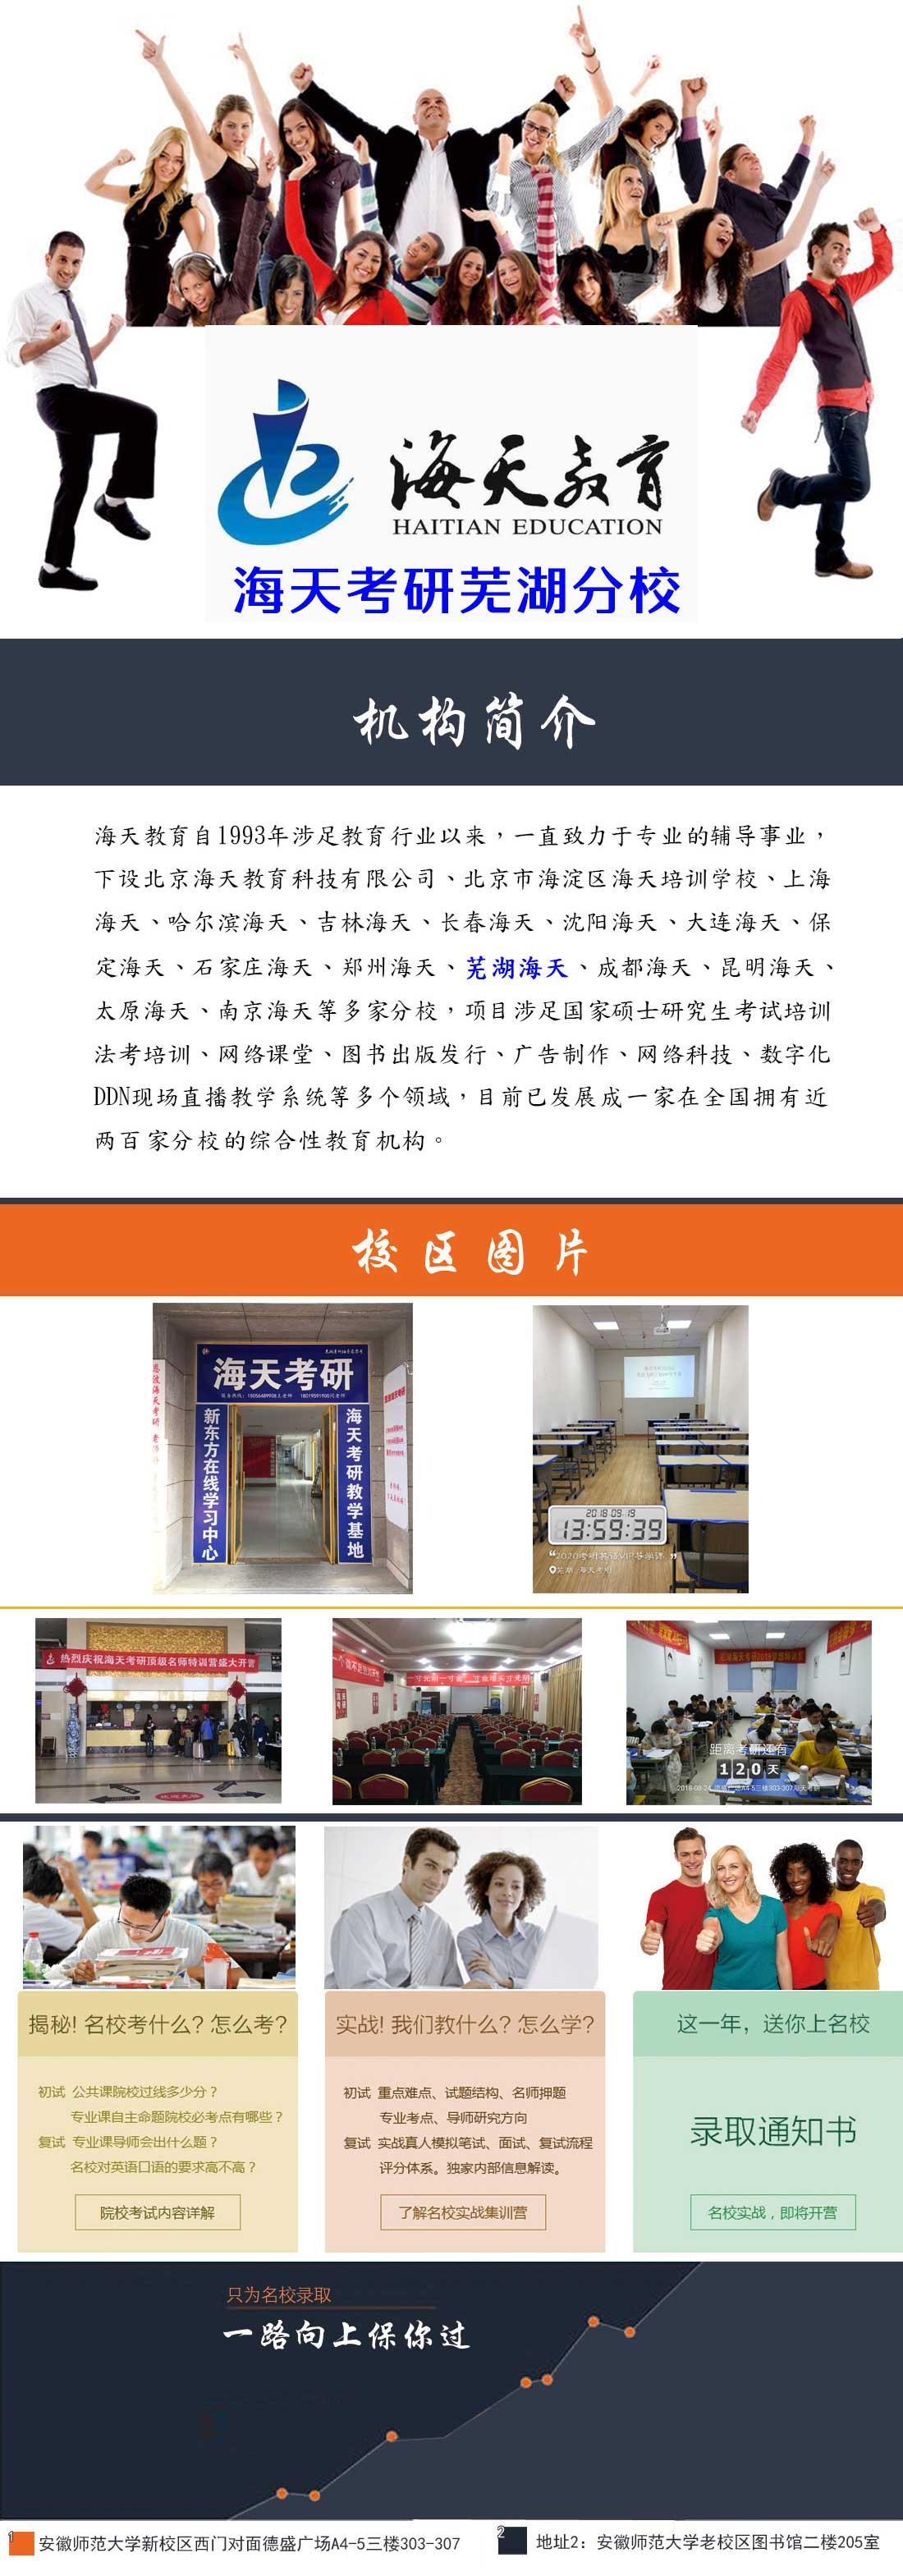 芜湖海天考研培训机构